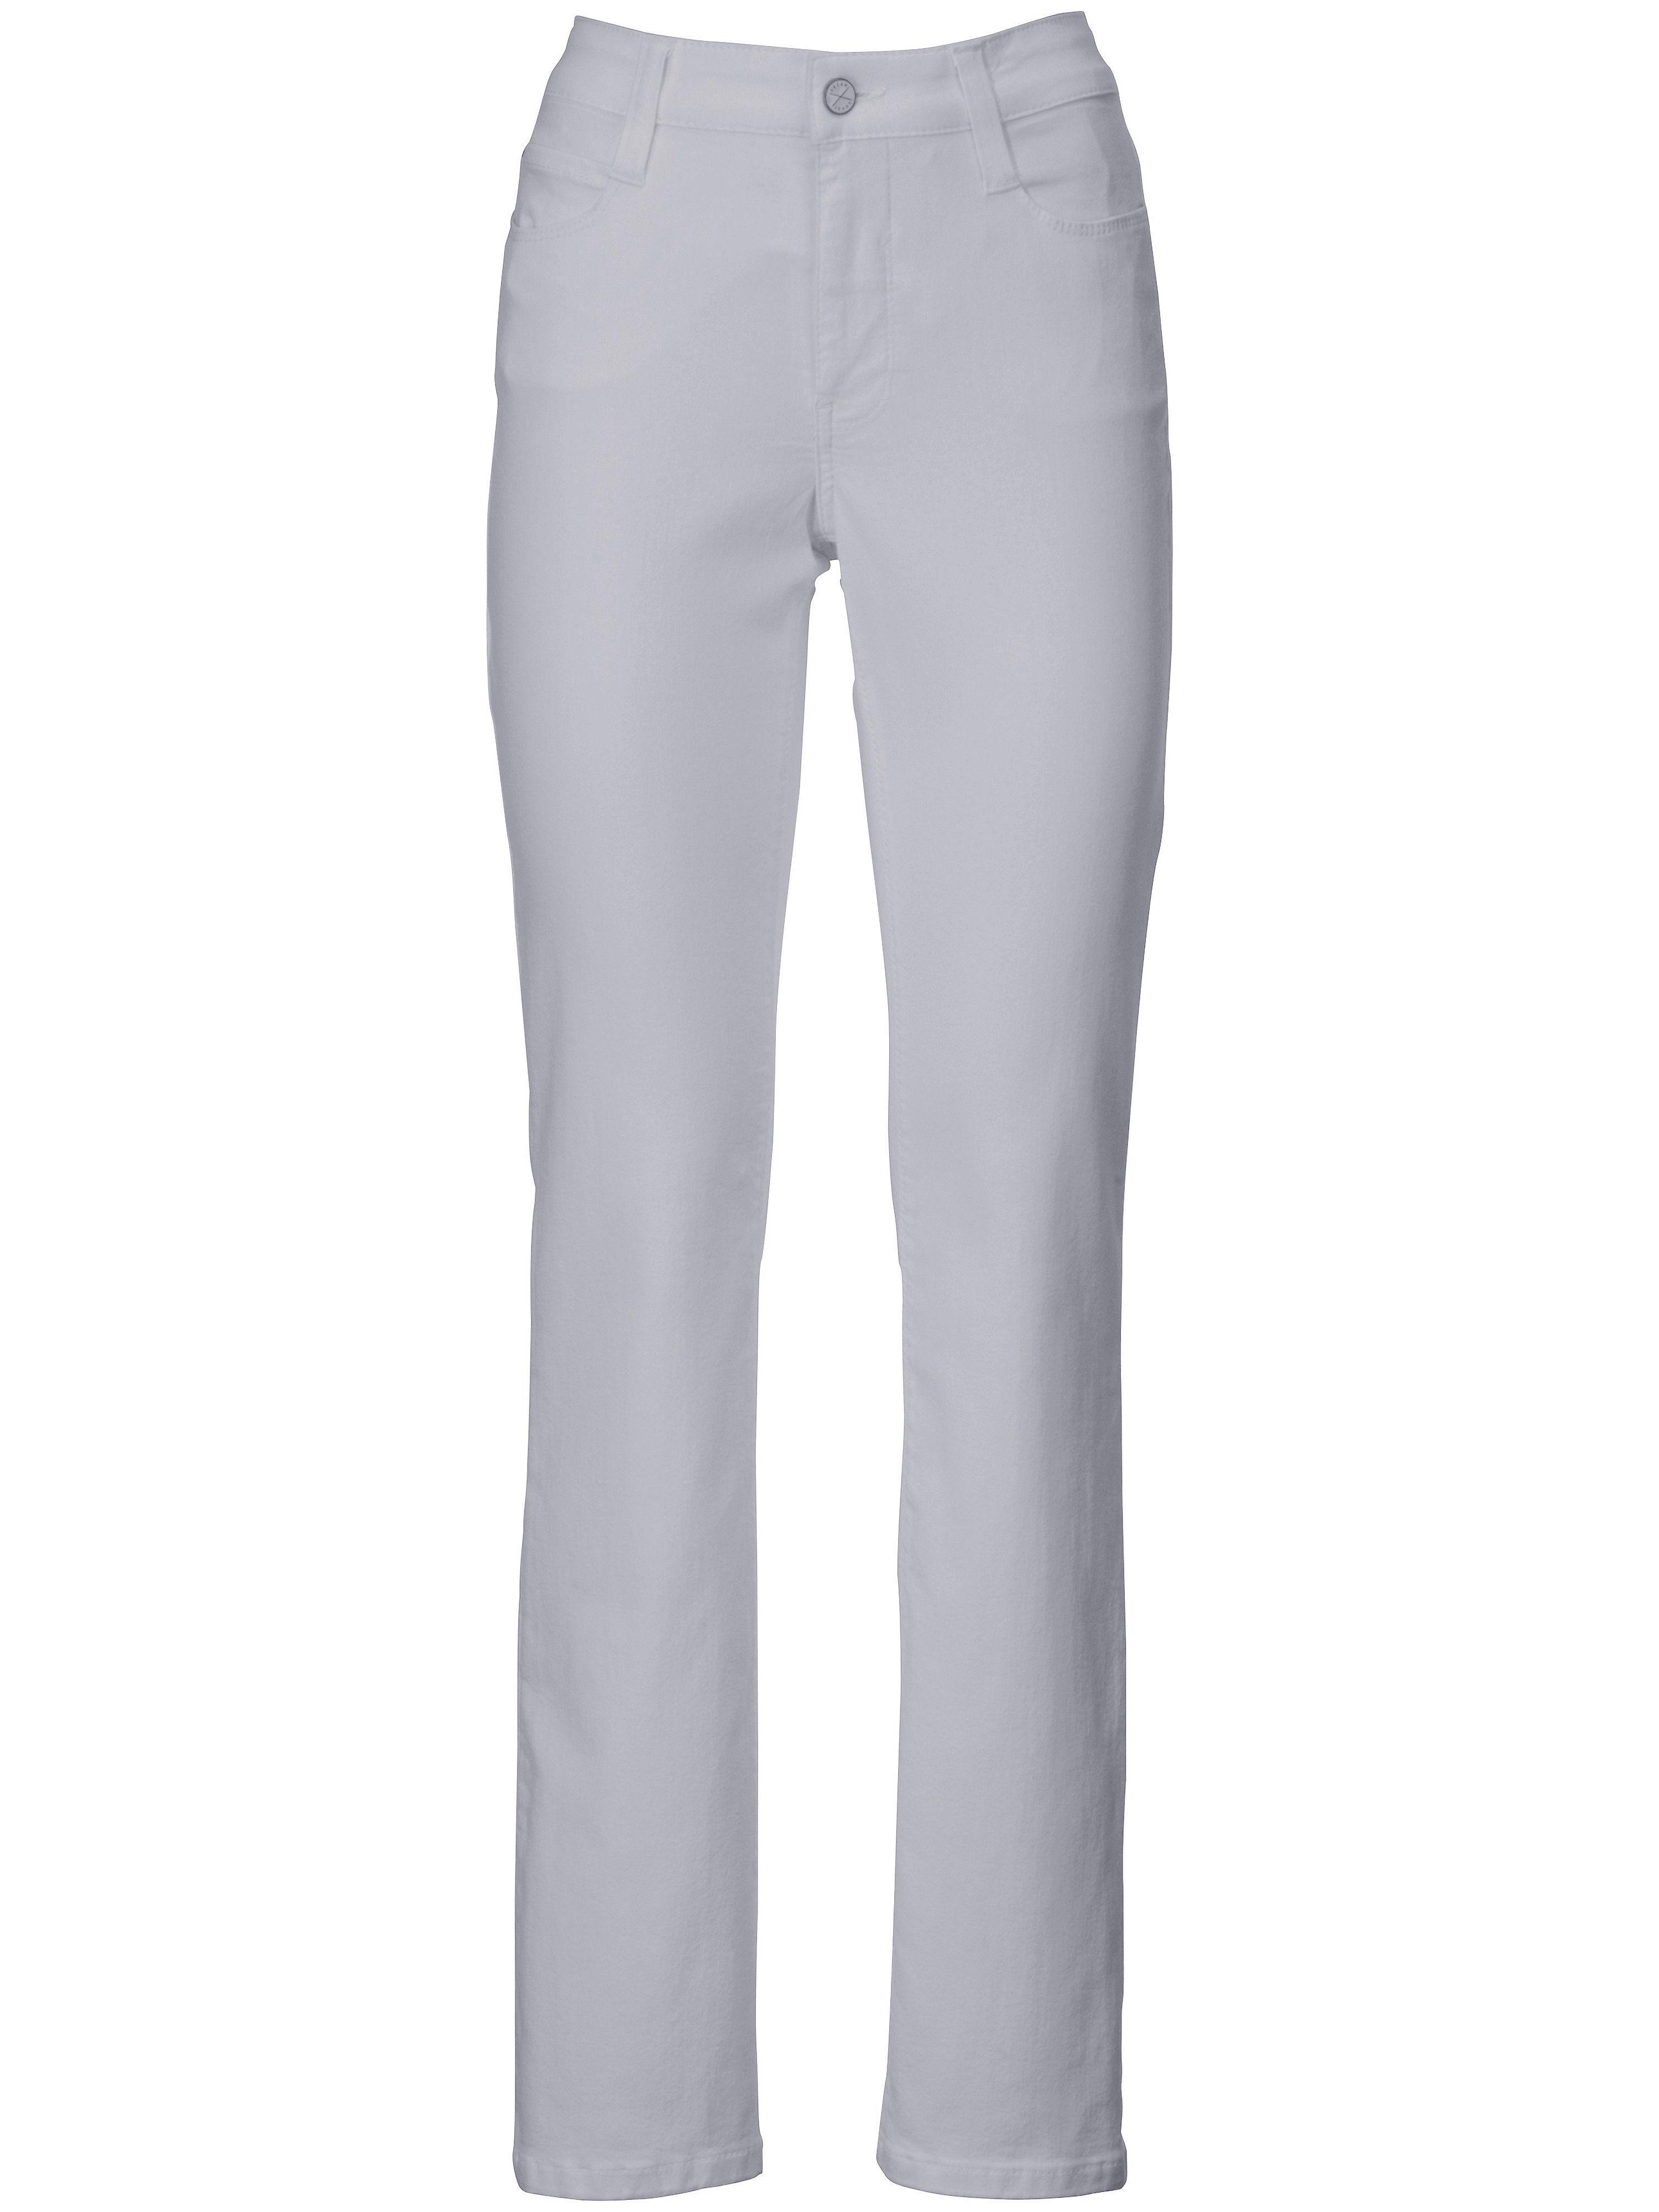 Jeans, inchlengte 30 Van Mac denim